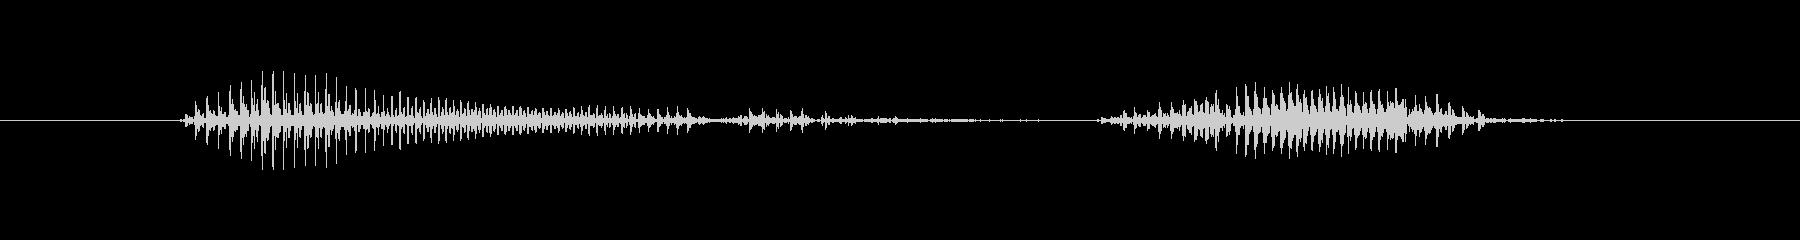 ダウンロードは無料(低めイケボ風)の未再生の波形